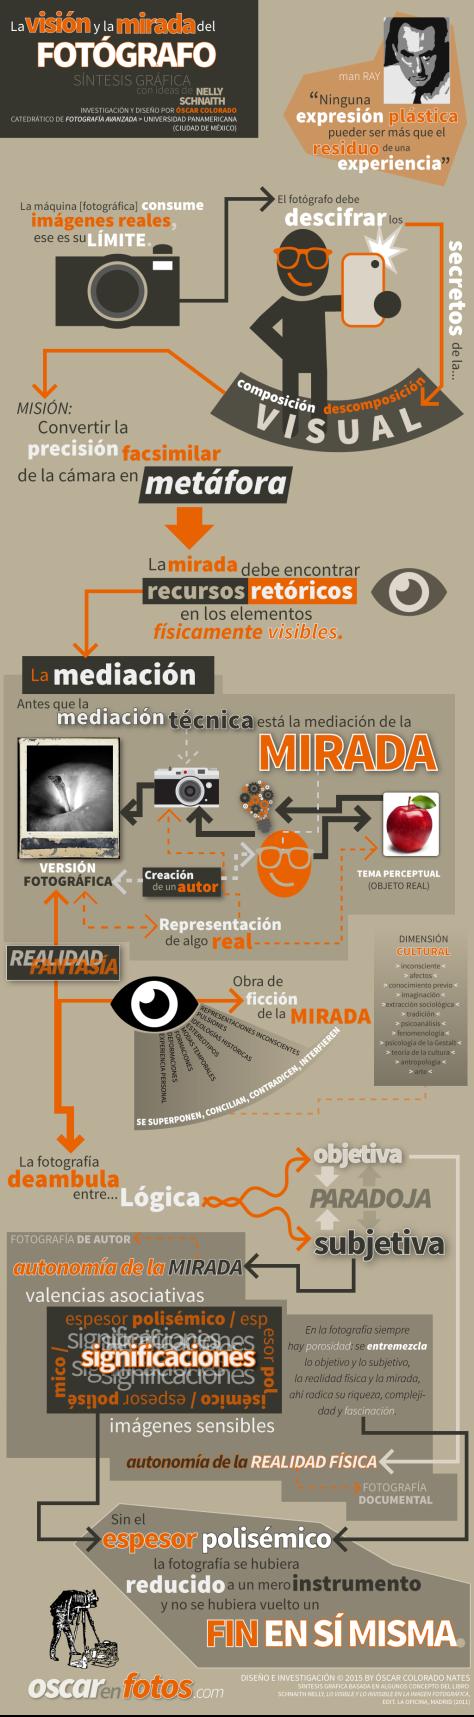 mirada_y_vision_fotografica